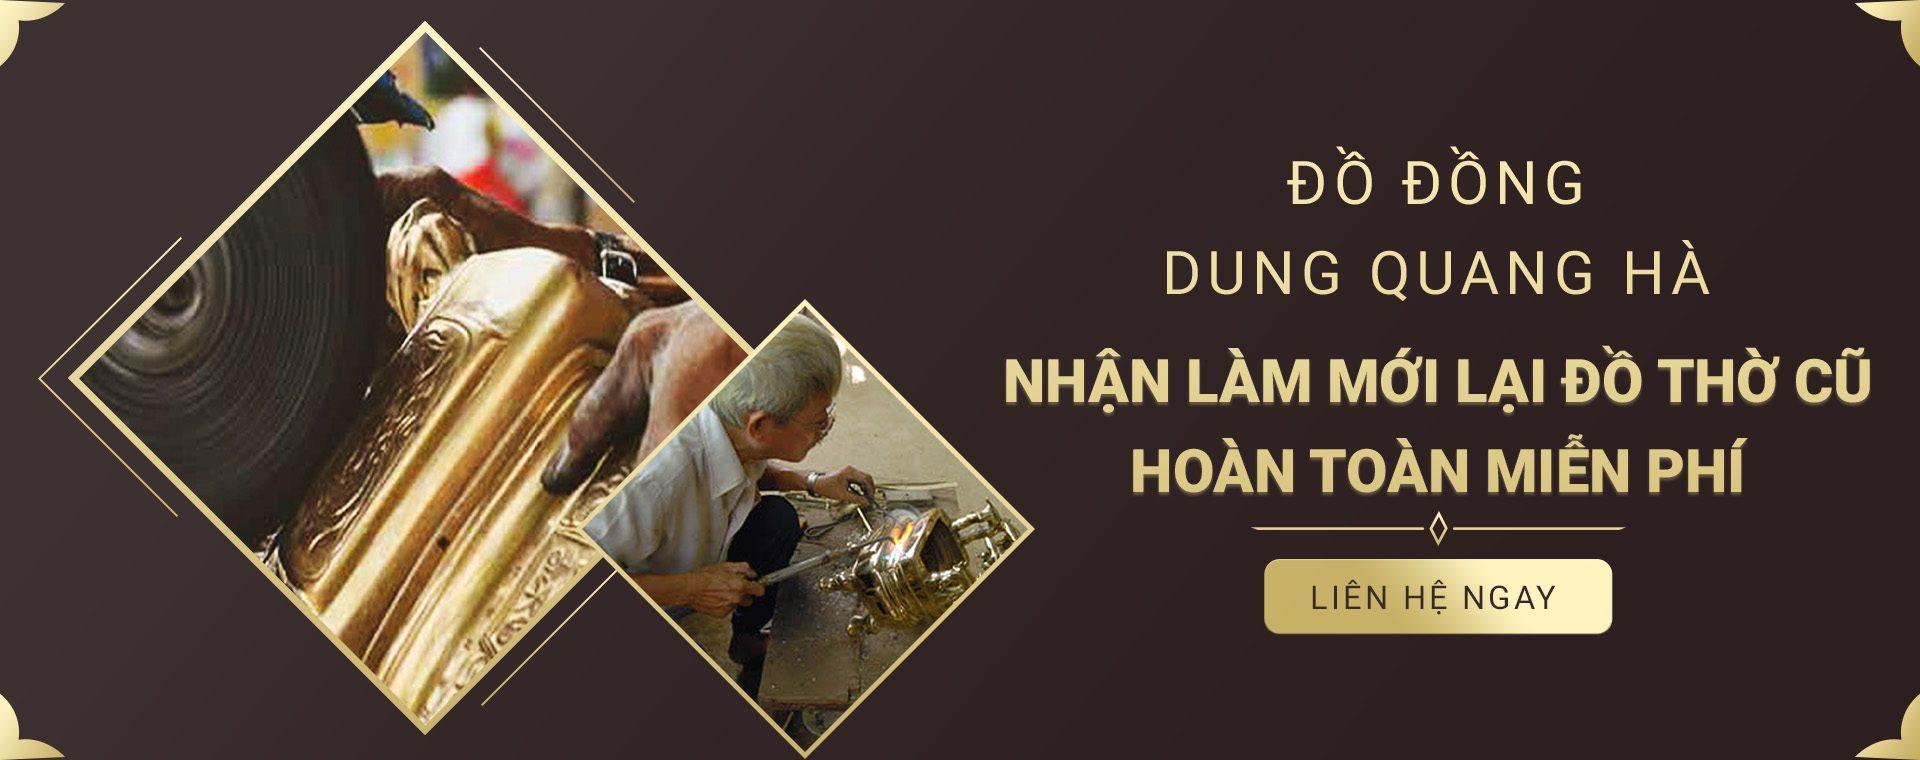 do-dong-dung-quang-ha-nhan-lam-moi-do-dong-tho-cung-cu-hoan-toan-mien-phi